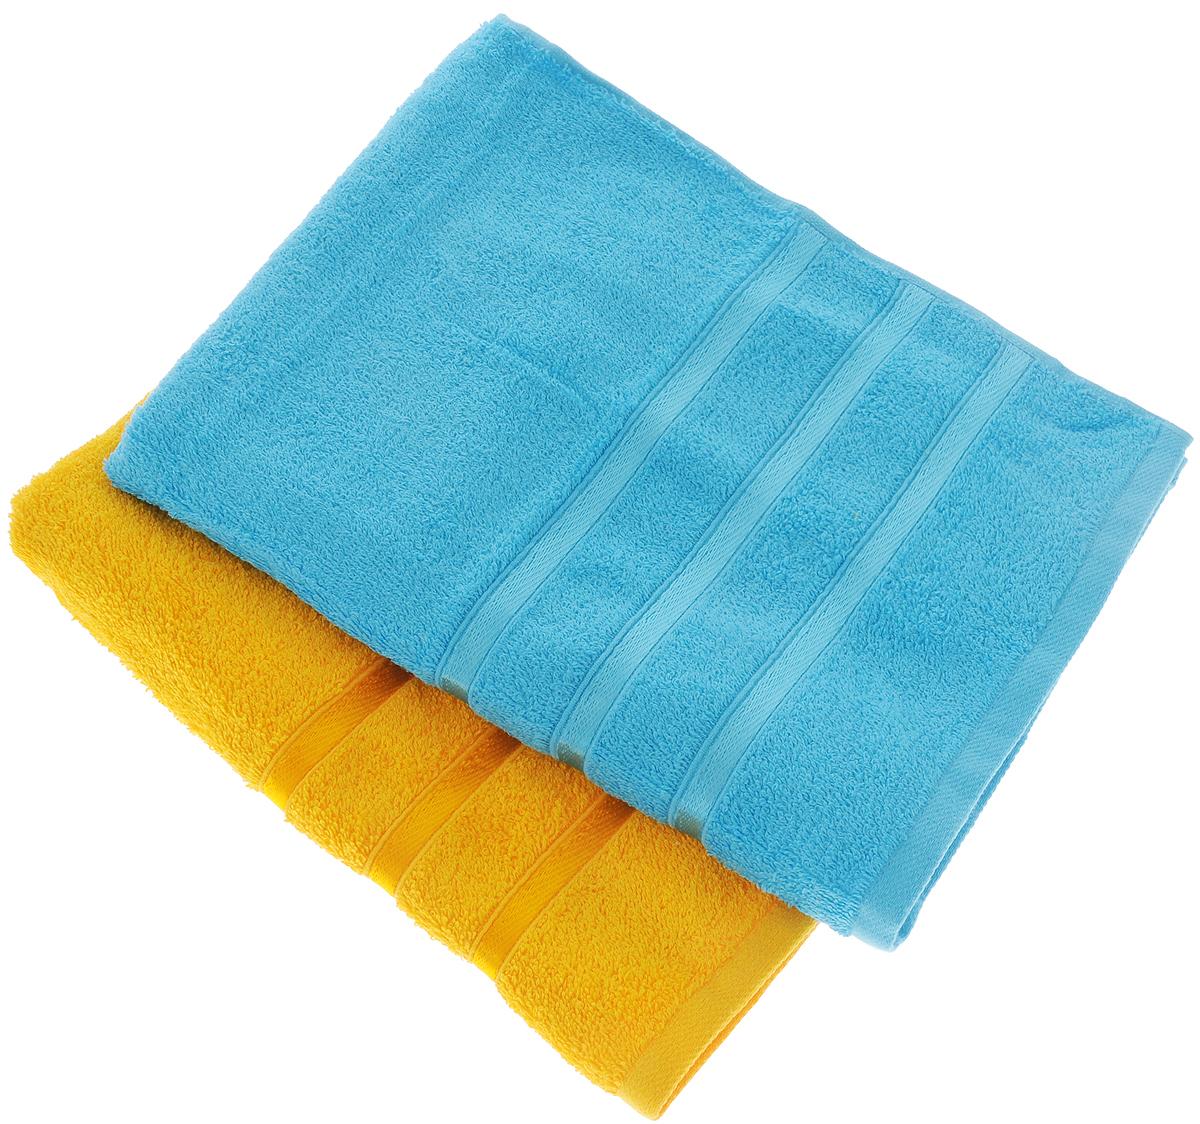 Набор полотенец Tete-a-Tete Ленты, цвет: желтый, бирюзовый, 50 х 85 см, 2 штУНП-101-11-2кНабор Tete-a-Tete Ленты состоит из двух махровых полотенец, выполненных из натурального 100% хлопка. Бордюр полотенец декорирован лентами. Изделия мягкие, отлично впитывают влагу, быстро сохнут, сохраняют яркость цвета и не теряют форму даже после многократных стирок. Полотенца Tete-a-Tete Ленты очень практичны и неприхотливы в уходе. Они легко впишутся в любой интерьер благодаря своей нежной цветовой гамме. Набор упакован в красивую коробку и может послужить отличной идеей подарка. Размер полотенец: 50 х 85 см.